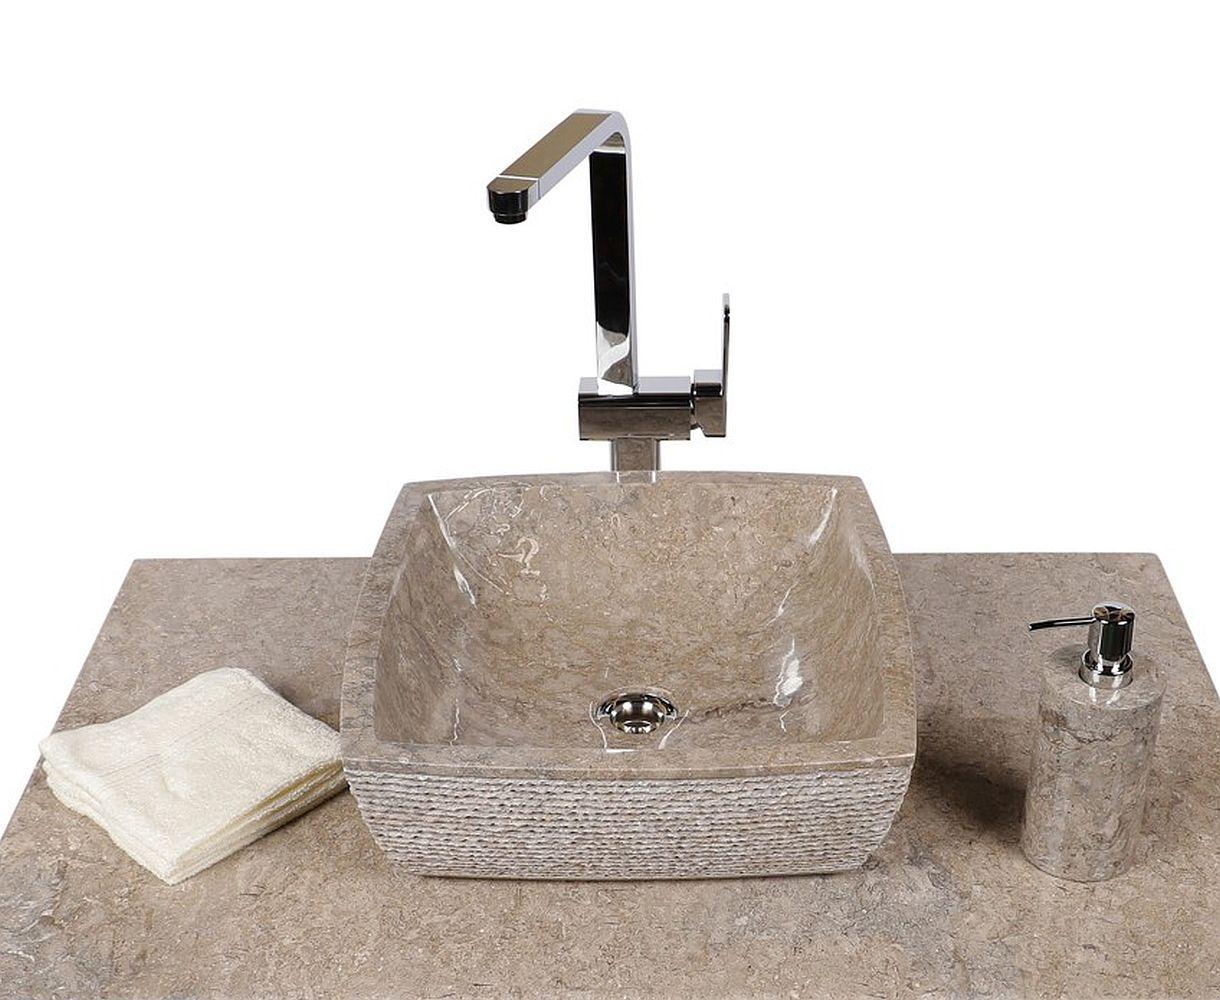 WOHNFREUDEN Marmor Naturstein-Waschbecken MARA 40x40 eckig grau Bad Gäste WC